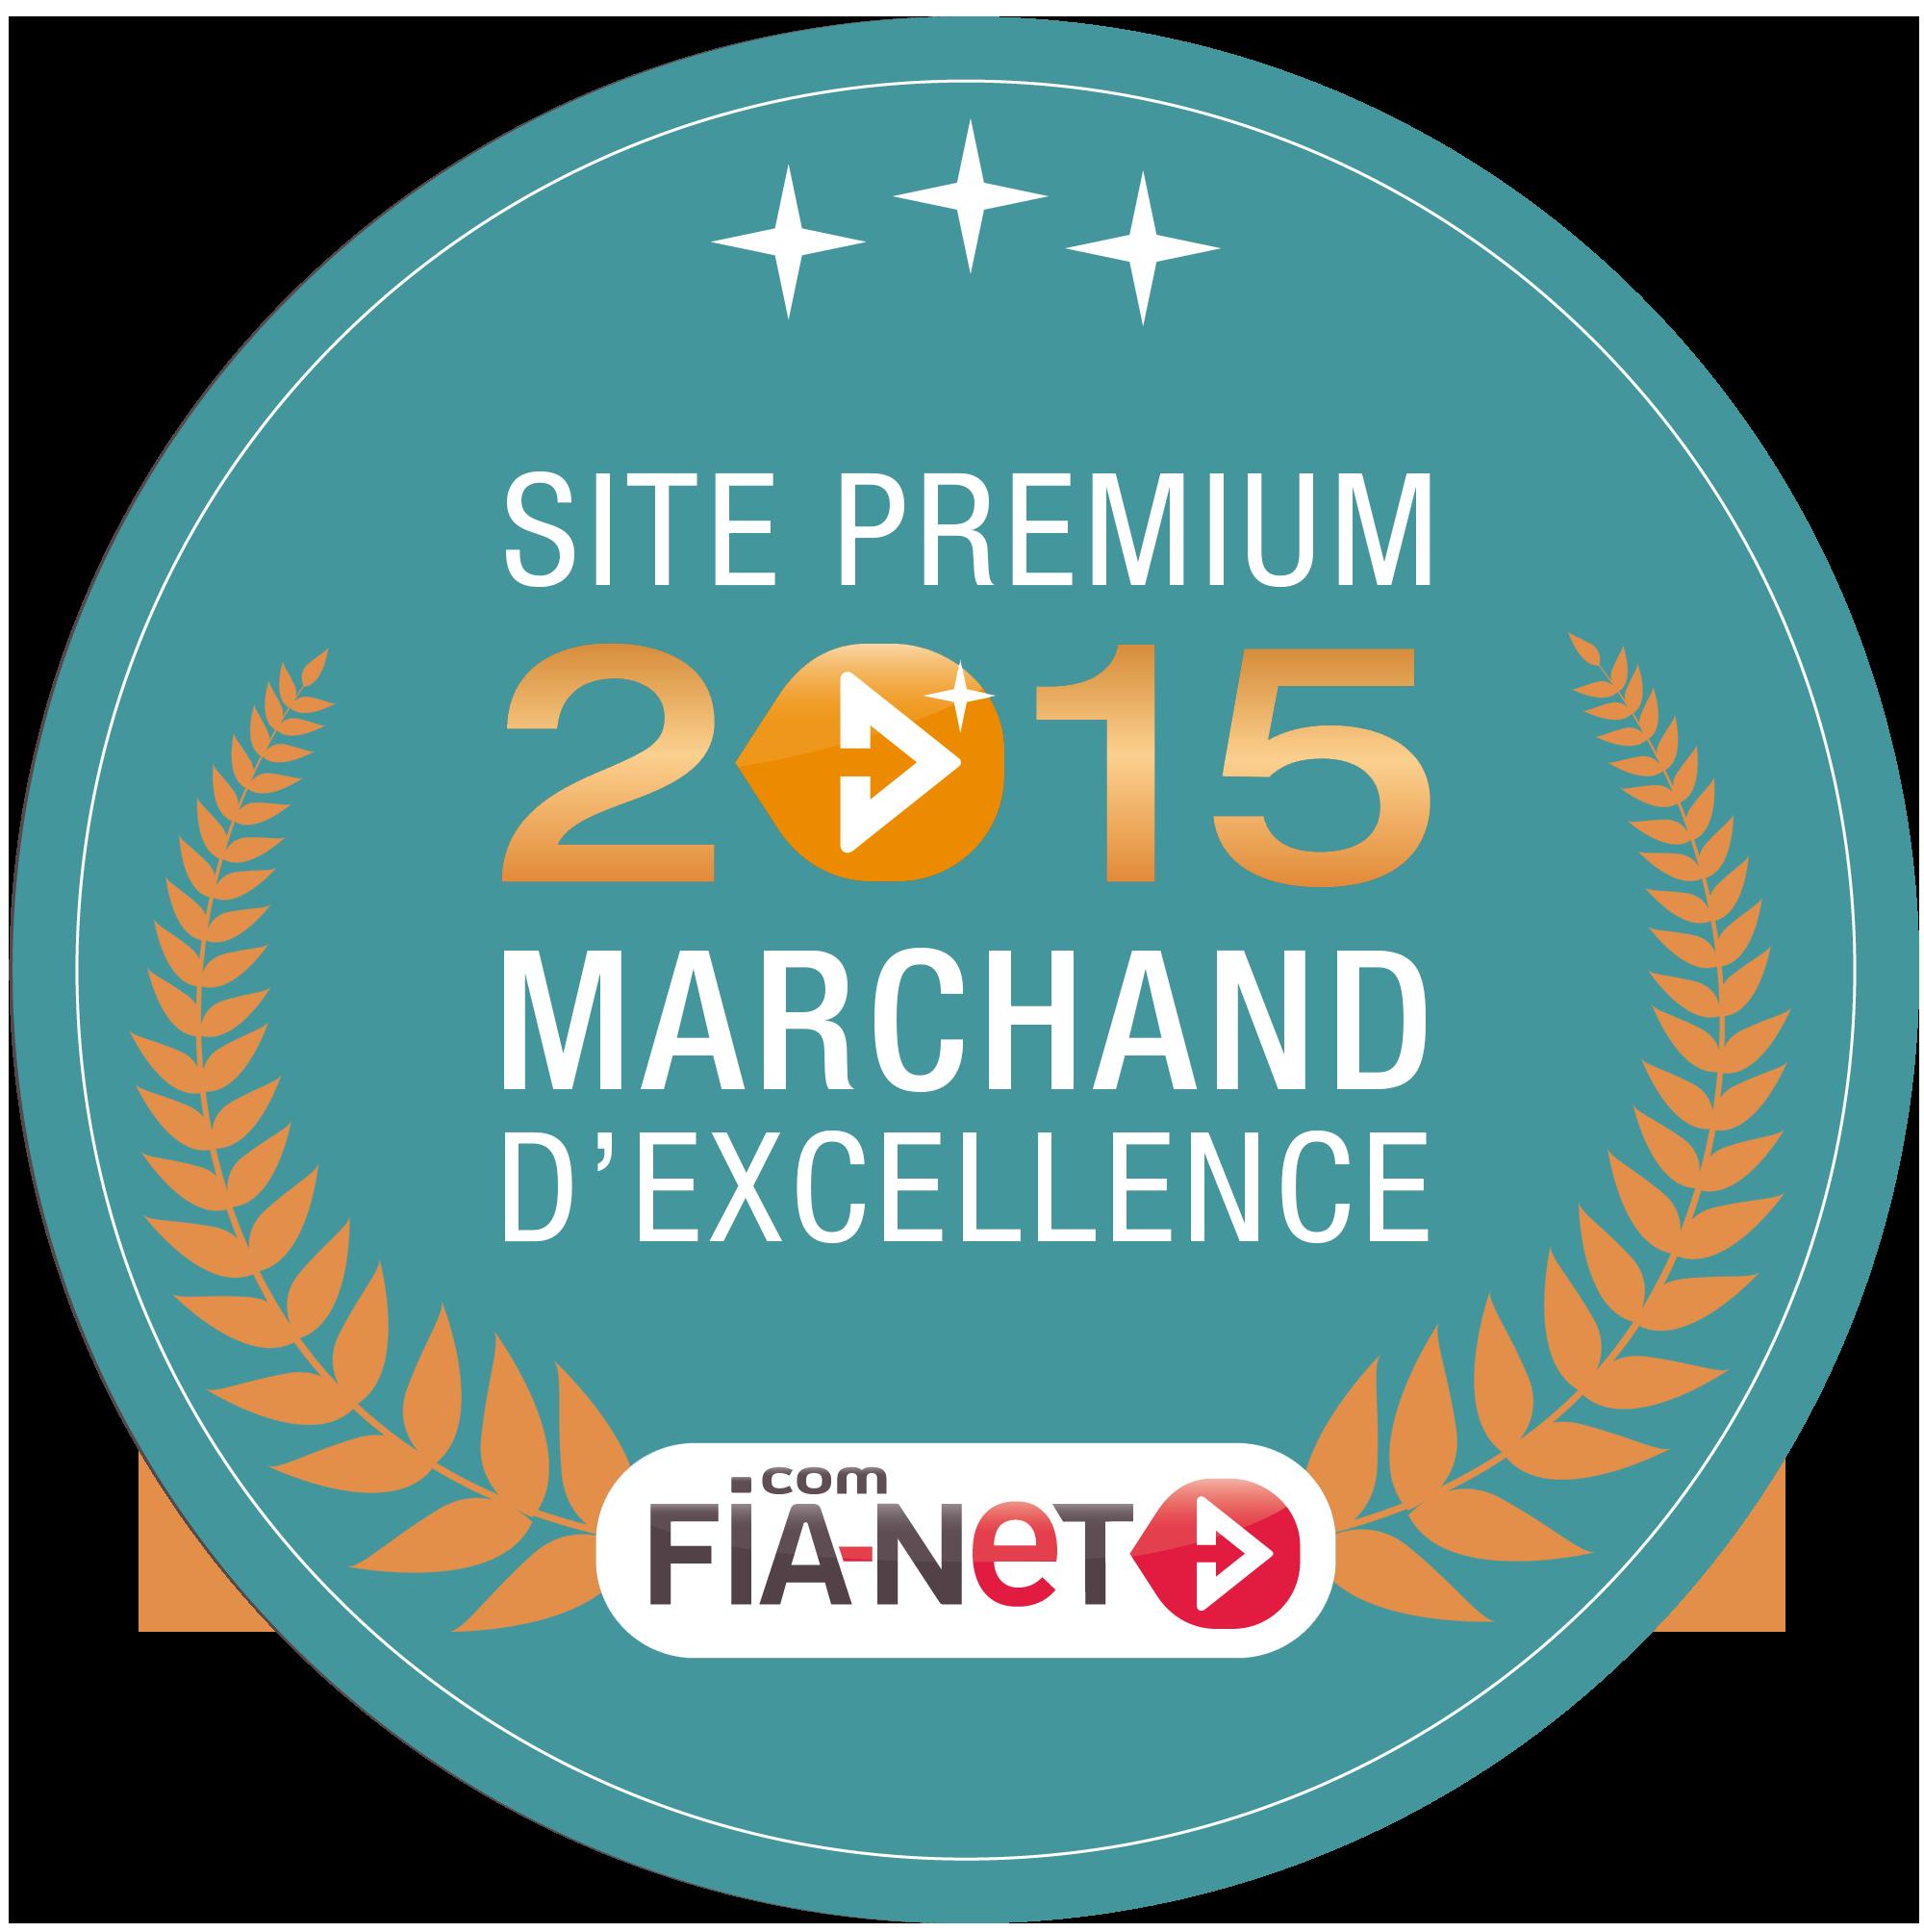 site premium 2015 Marchand d'excellence FIA-NET